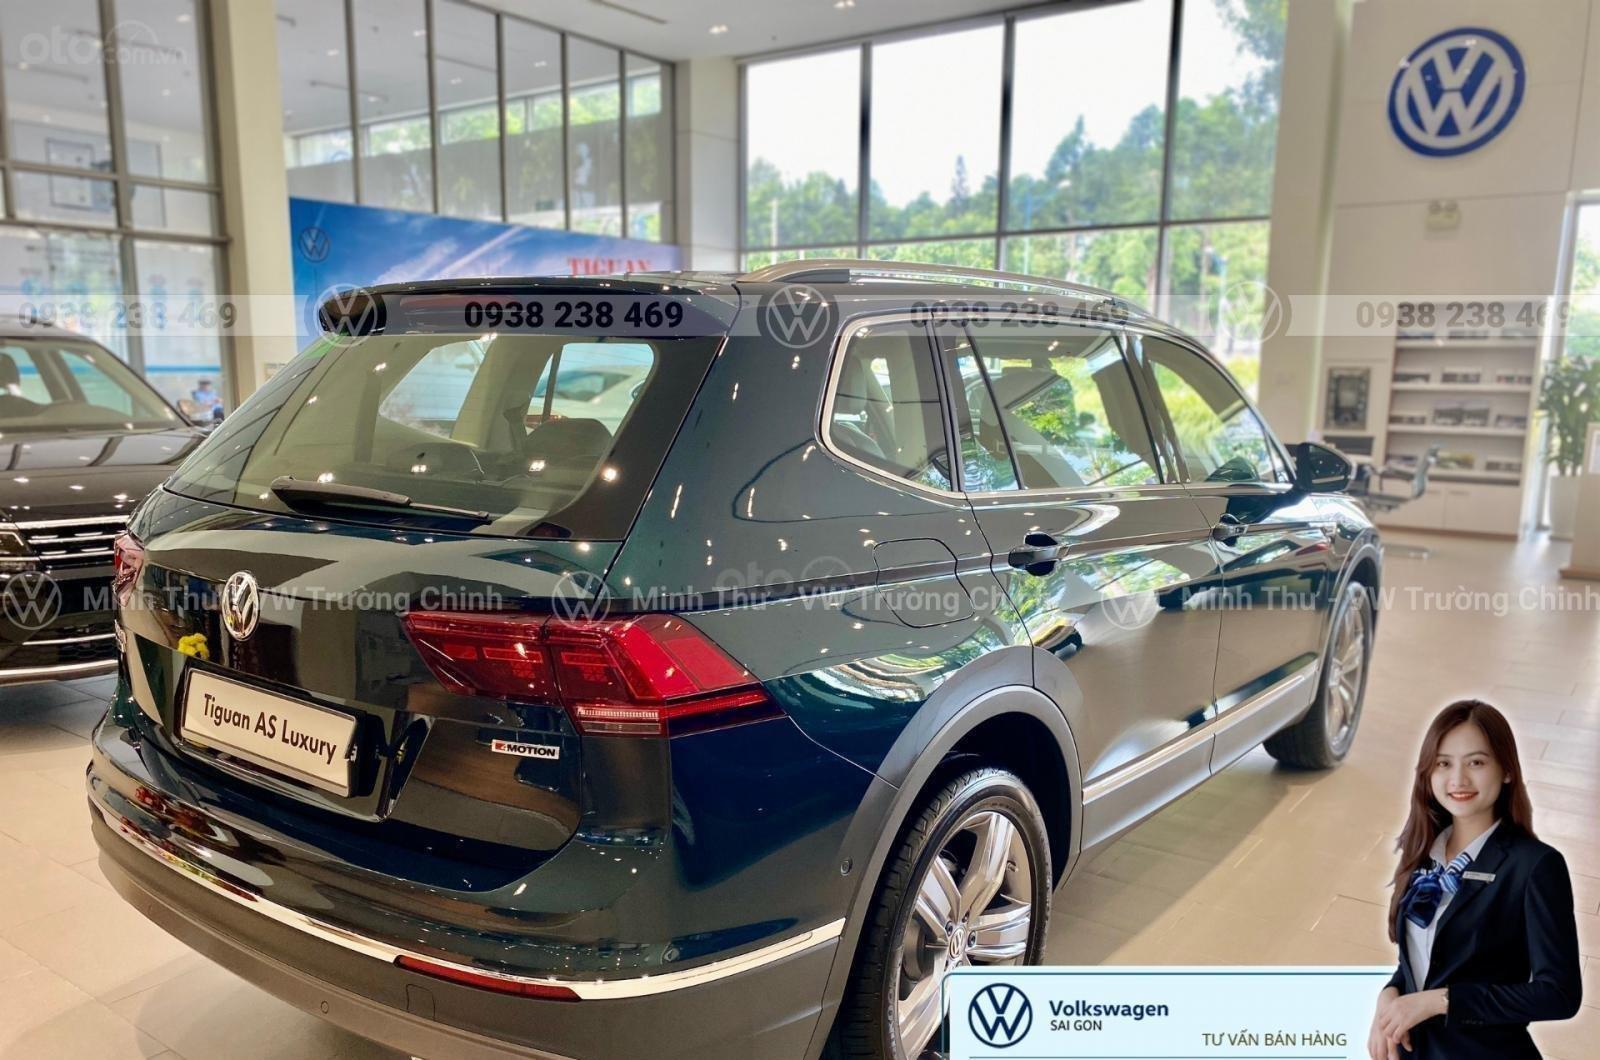 Volkswagen Tiguan Luxury màu xanh rêu số lượng ít - Xe Đức nhập khẩu nguyên chiếc - Giảm ngay 120 triệu (9)